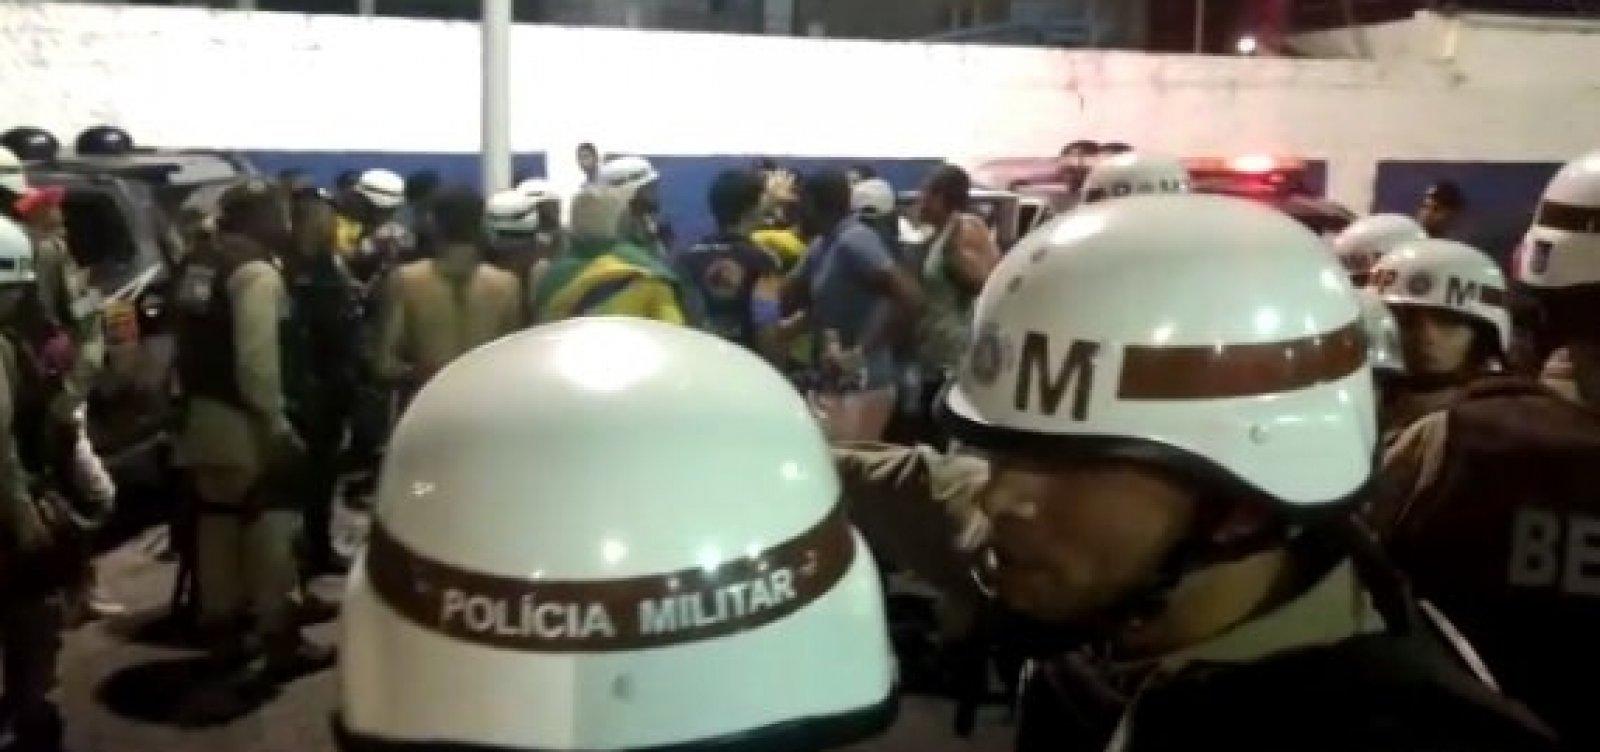 Soldado acusado de ferir quatro pessoas em ato pró-Bolsonaro na Barra é preso; veja vídeo